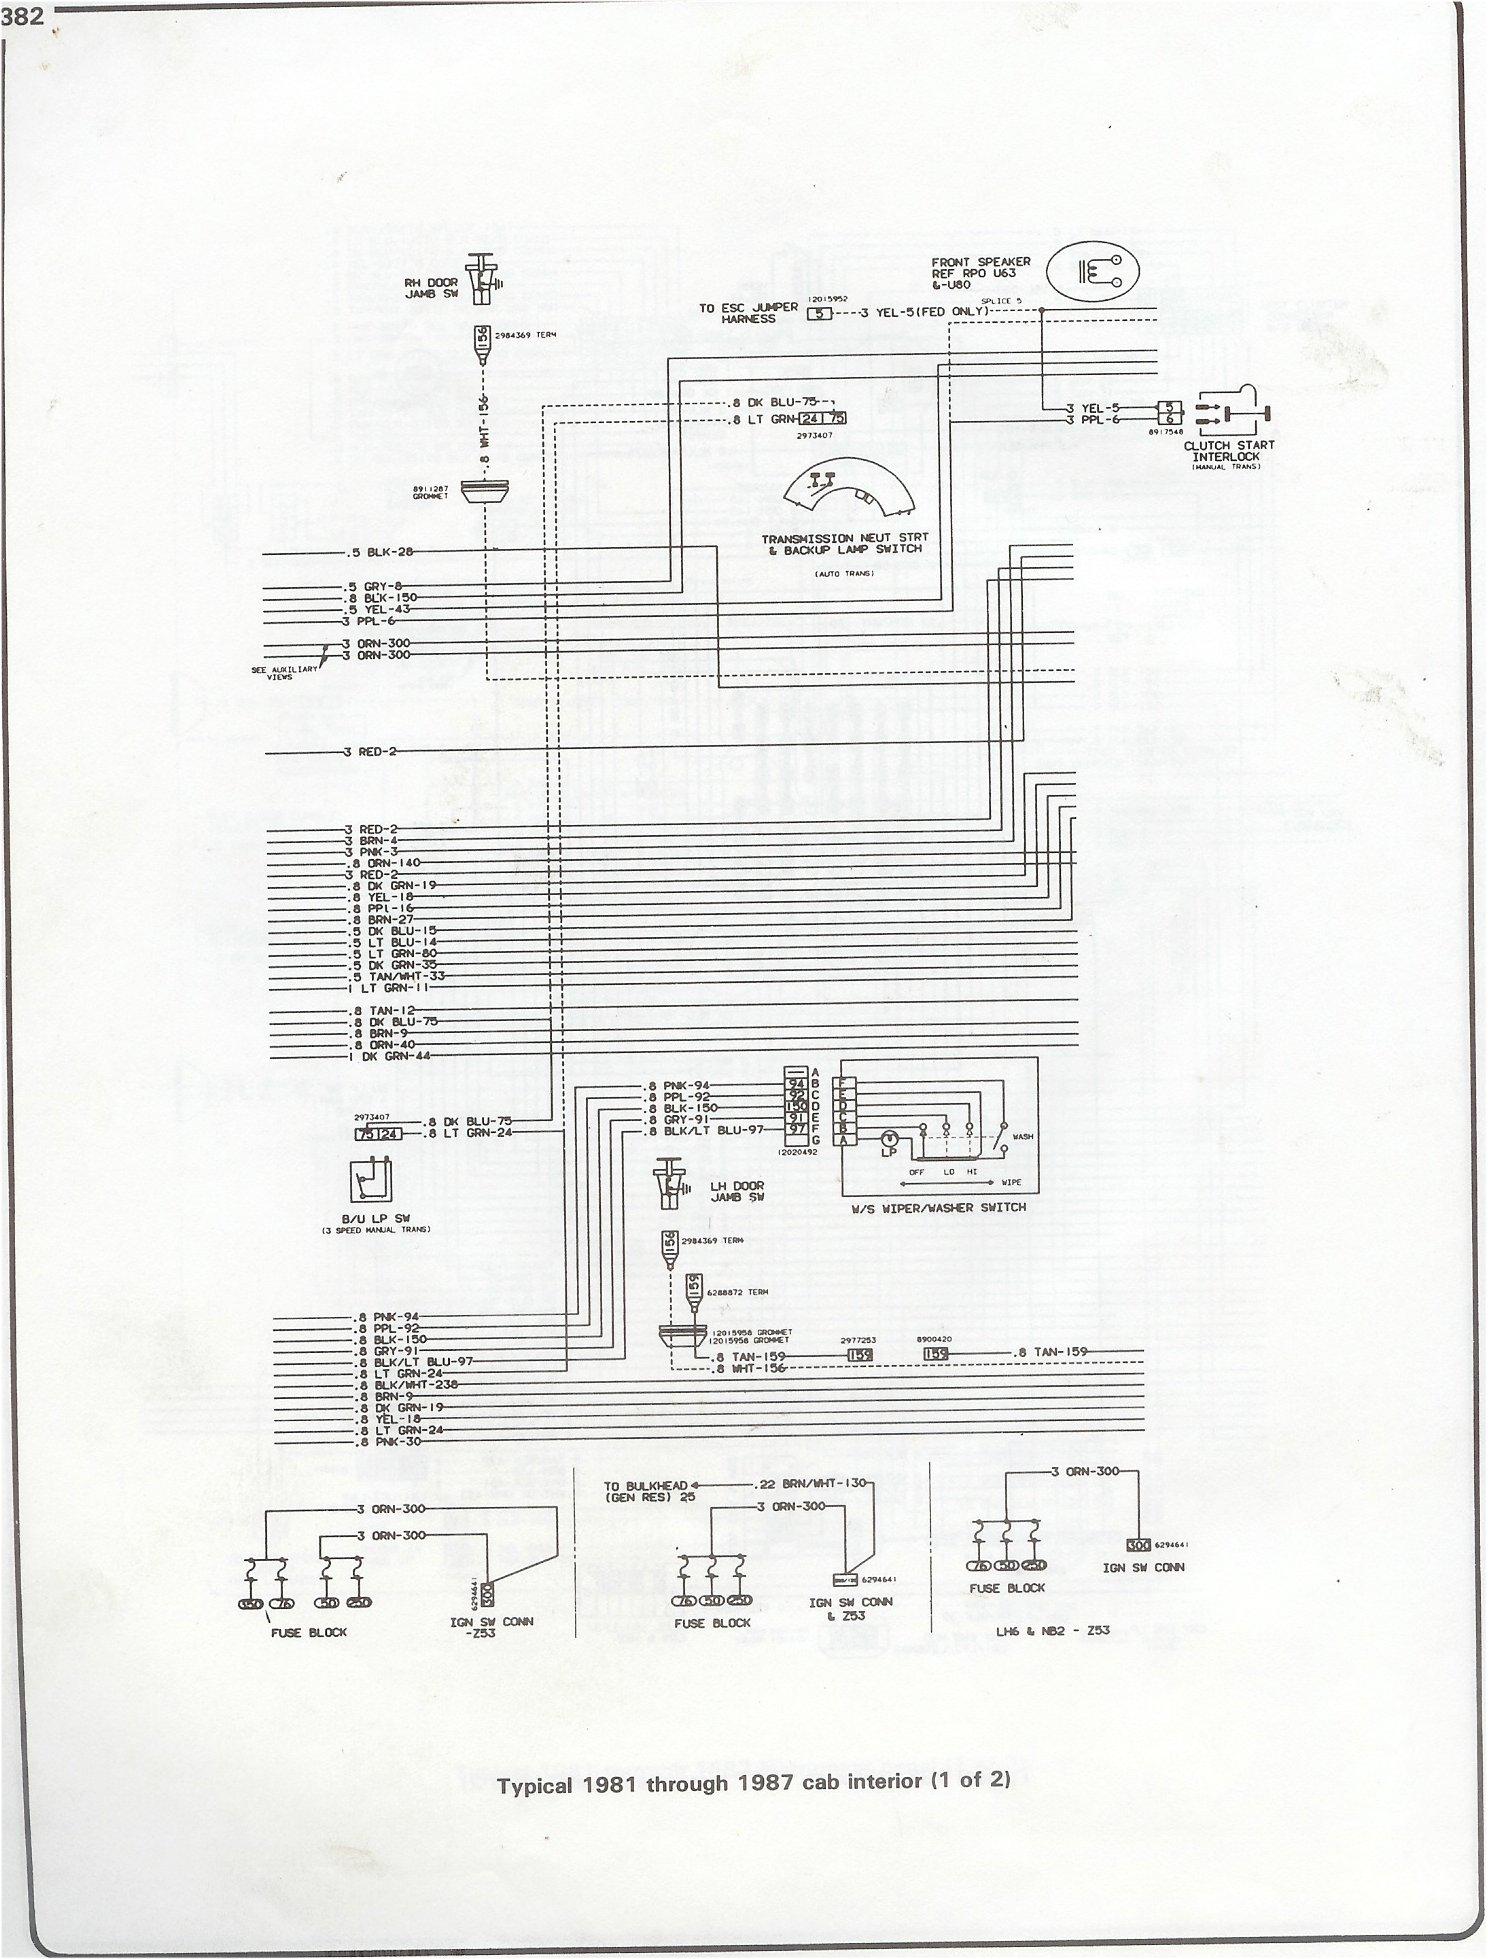 87 chevy truck wiring diagram ladder instrument panel get free